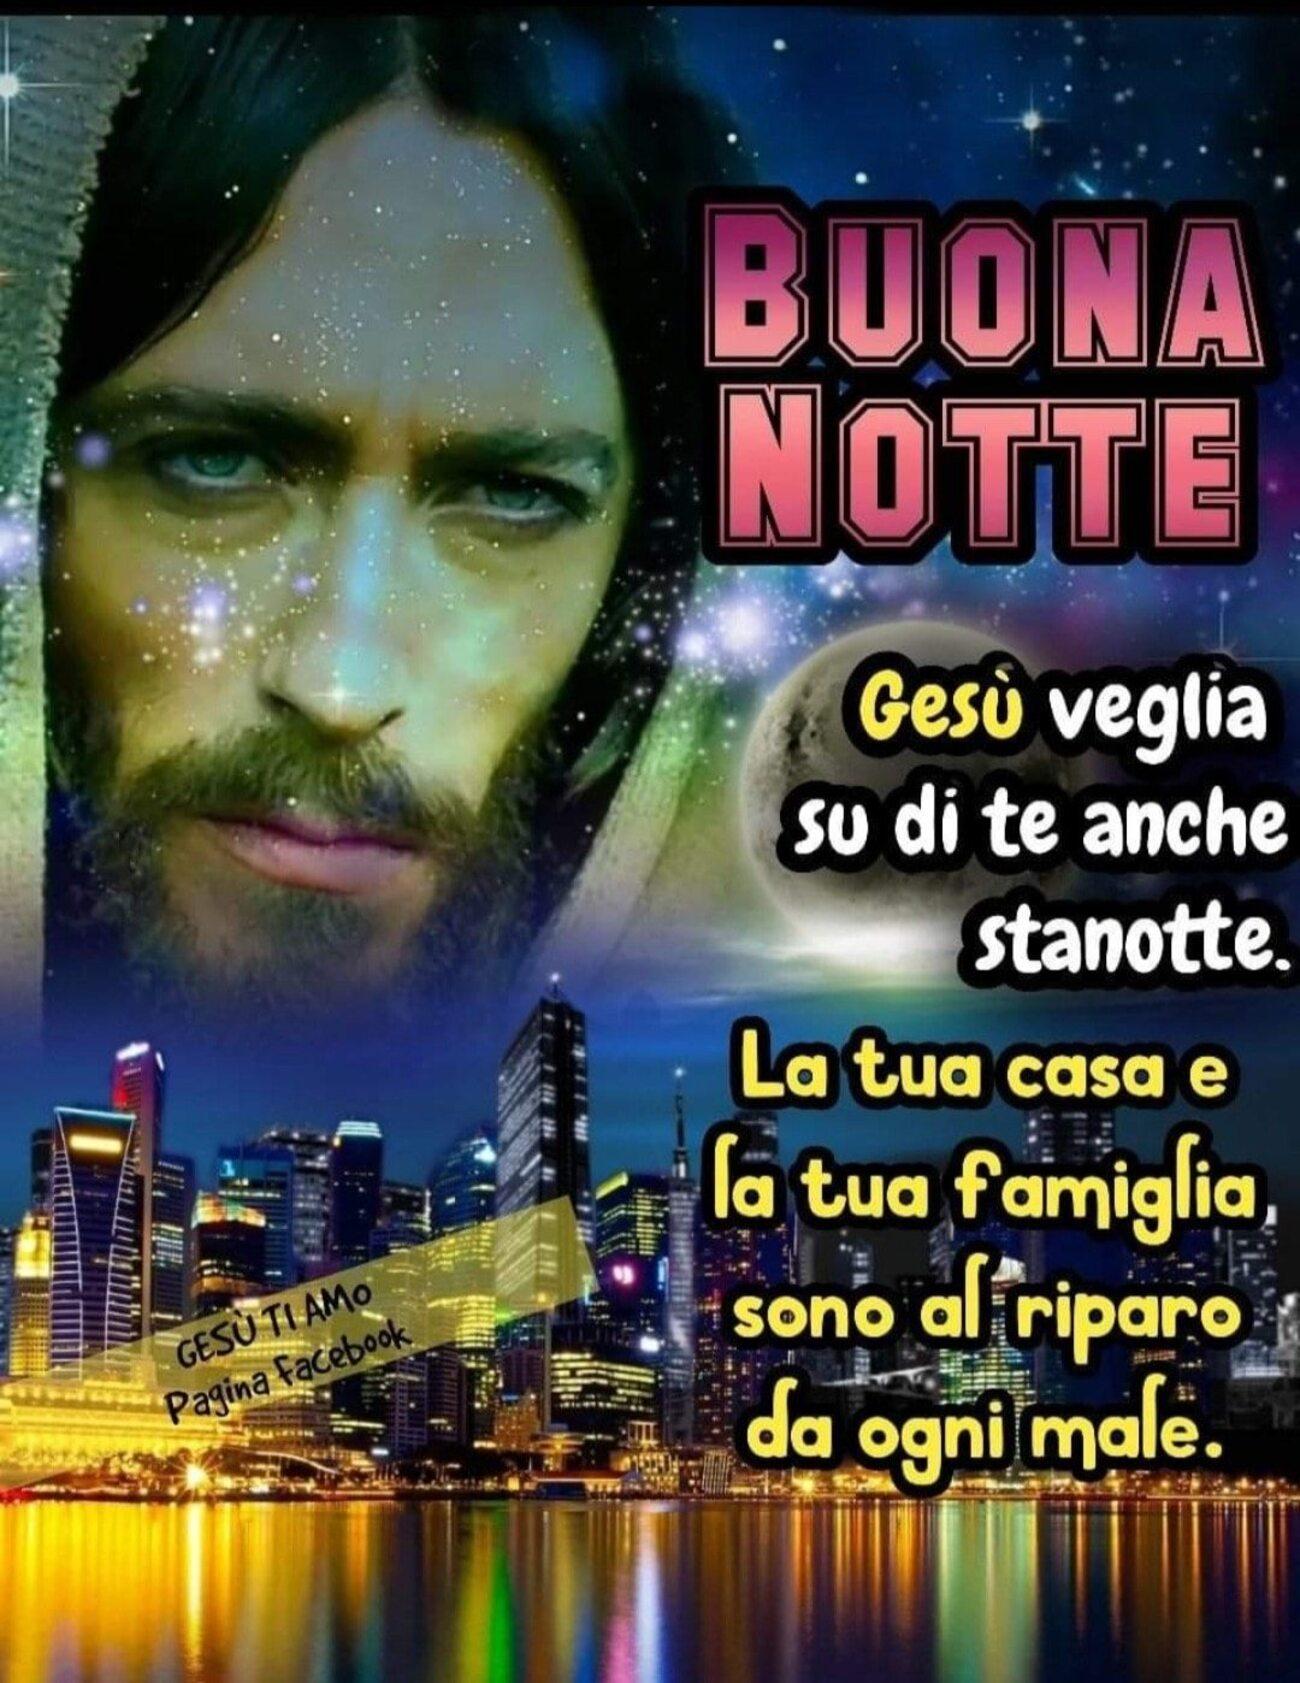 Buonanotte con Gesù immagini nuove (5)